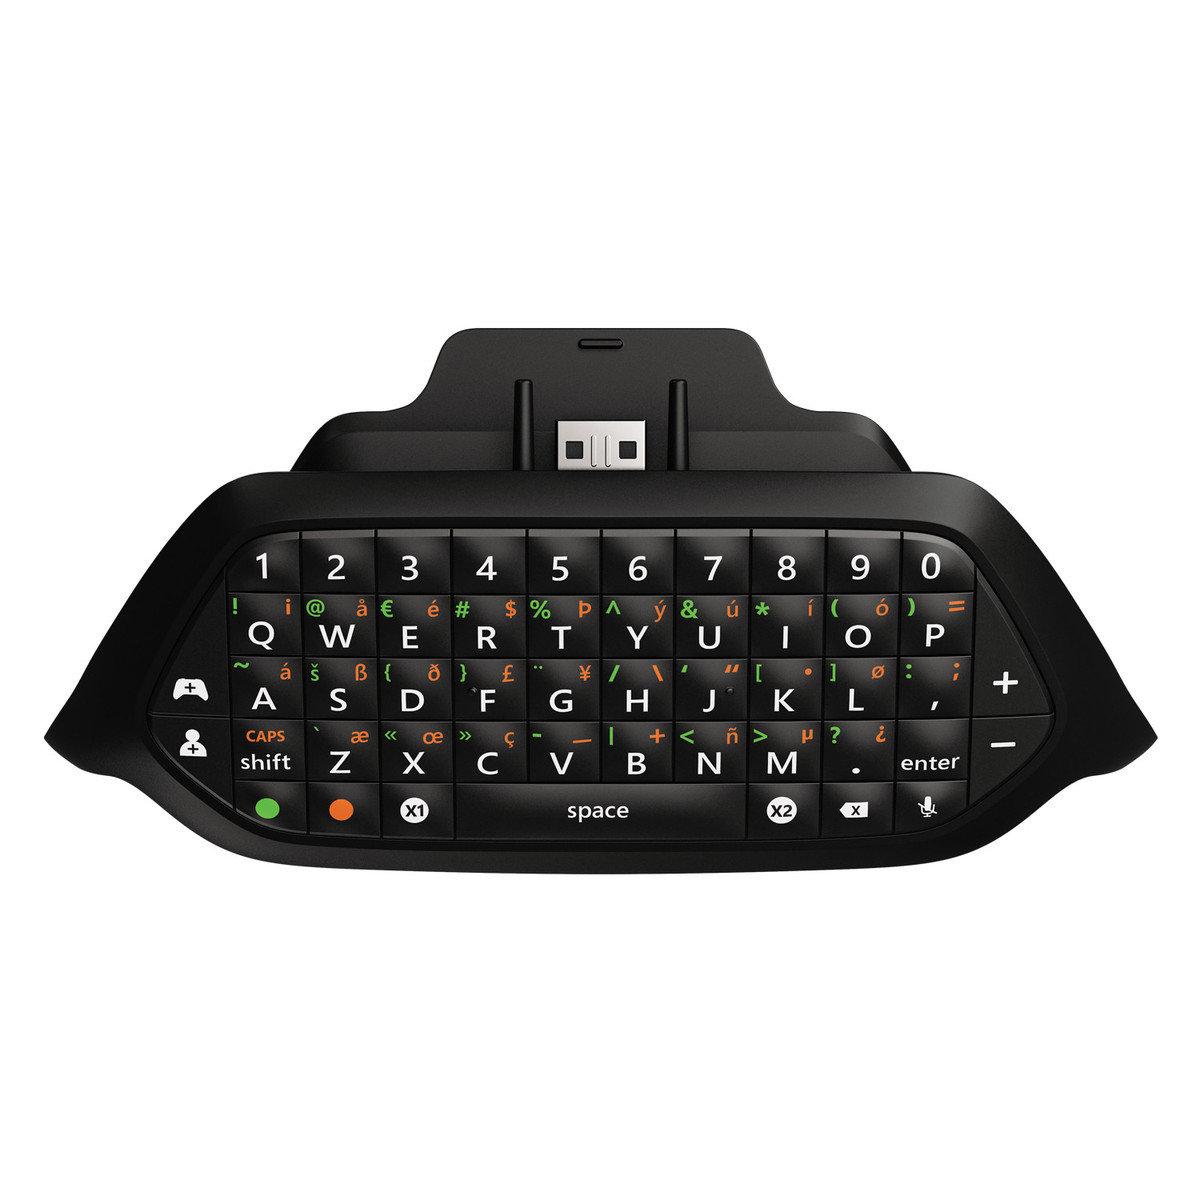 Xbox One聊天小鍵盤